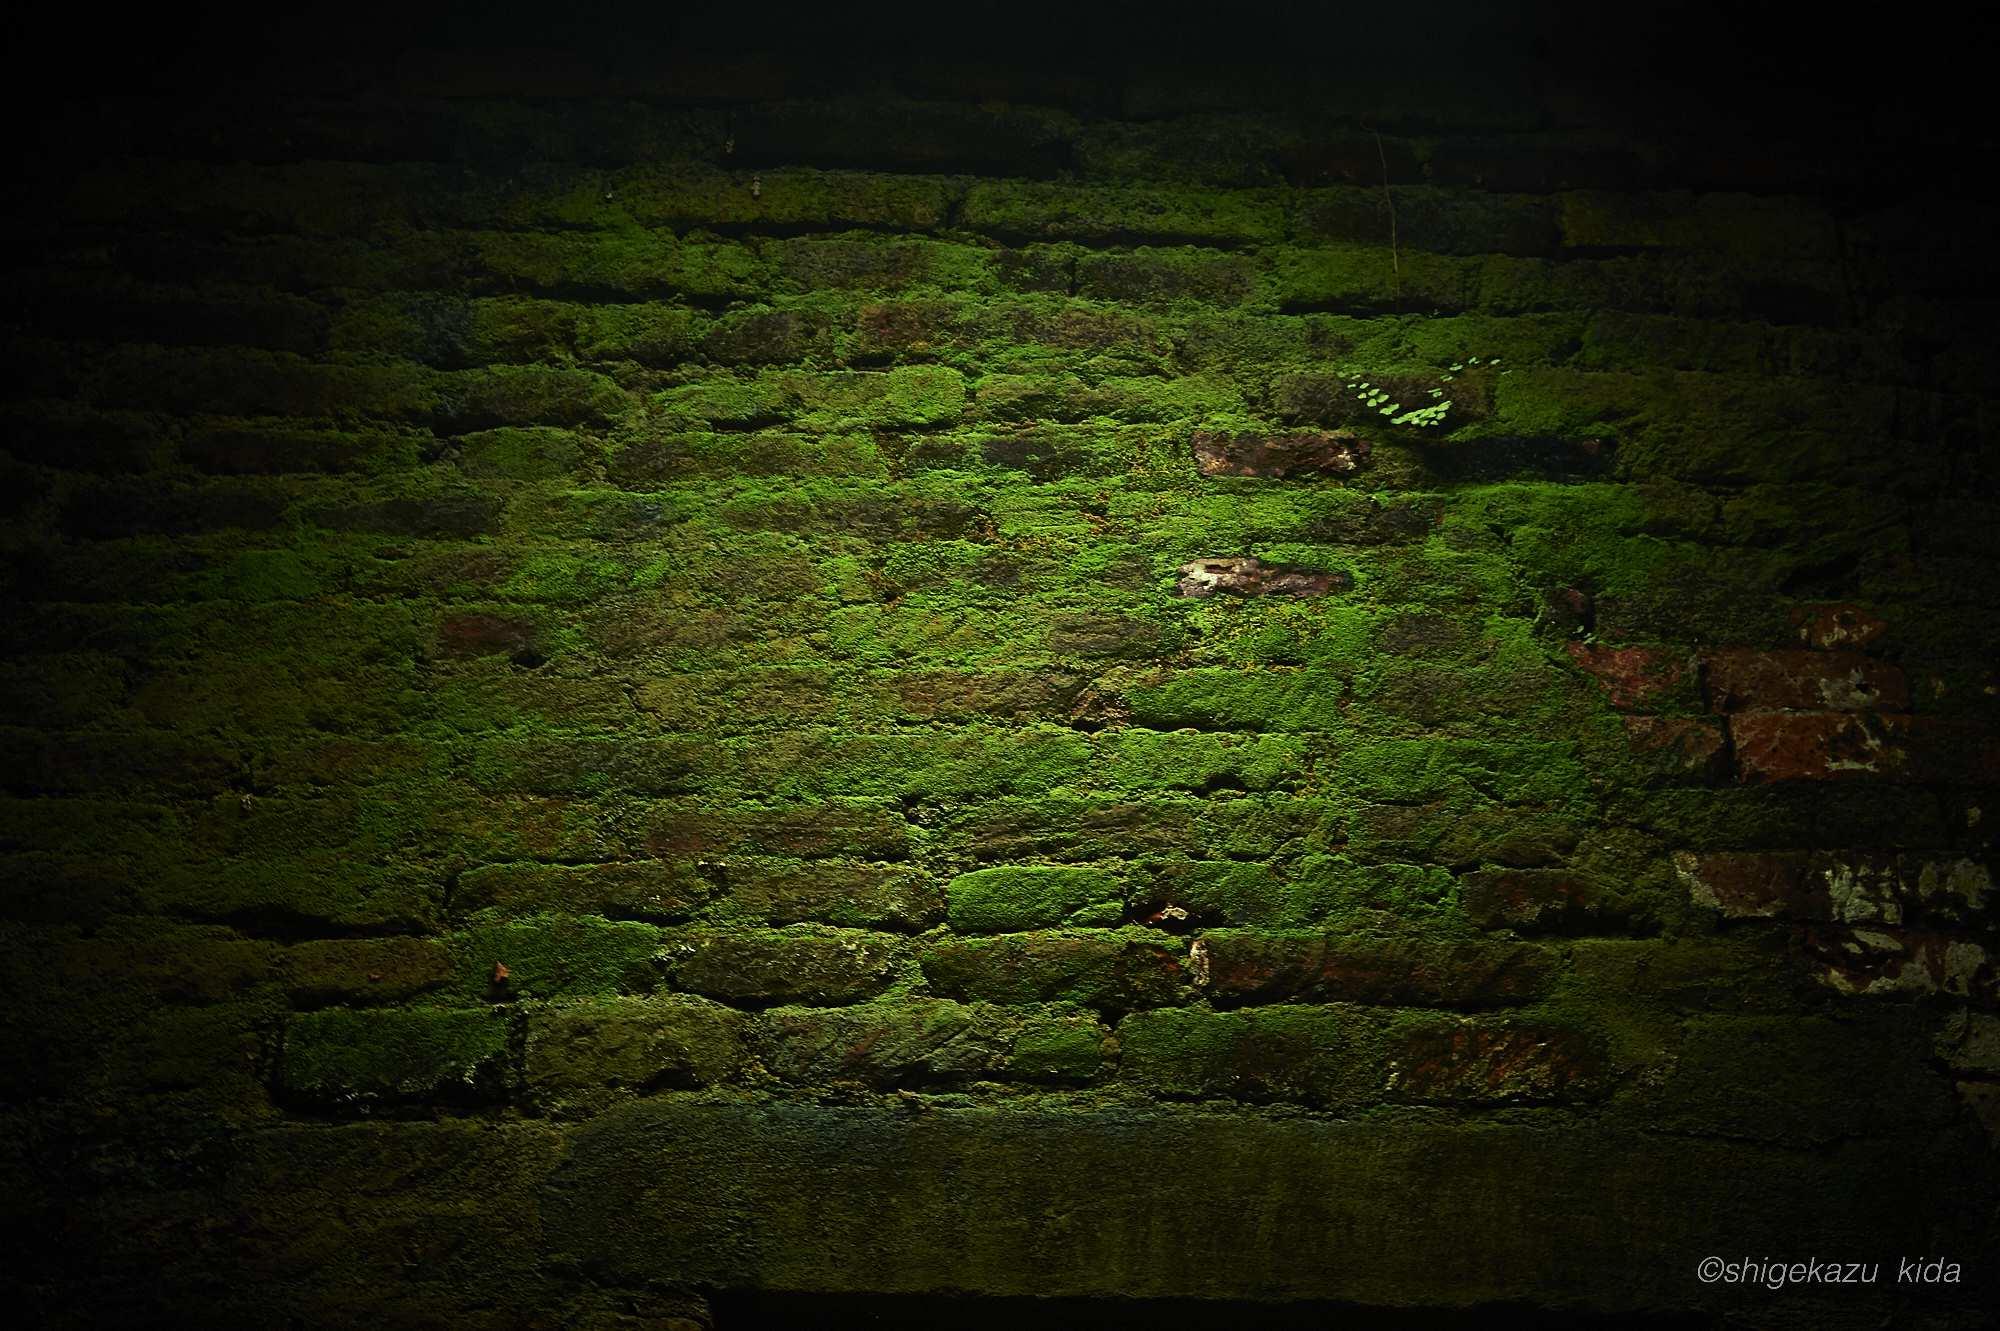 ベトナムMySonSanctuary(ミーソン遺跡)の祠堂内部の苔の壁